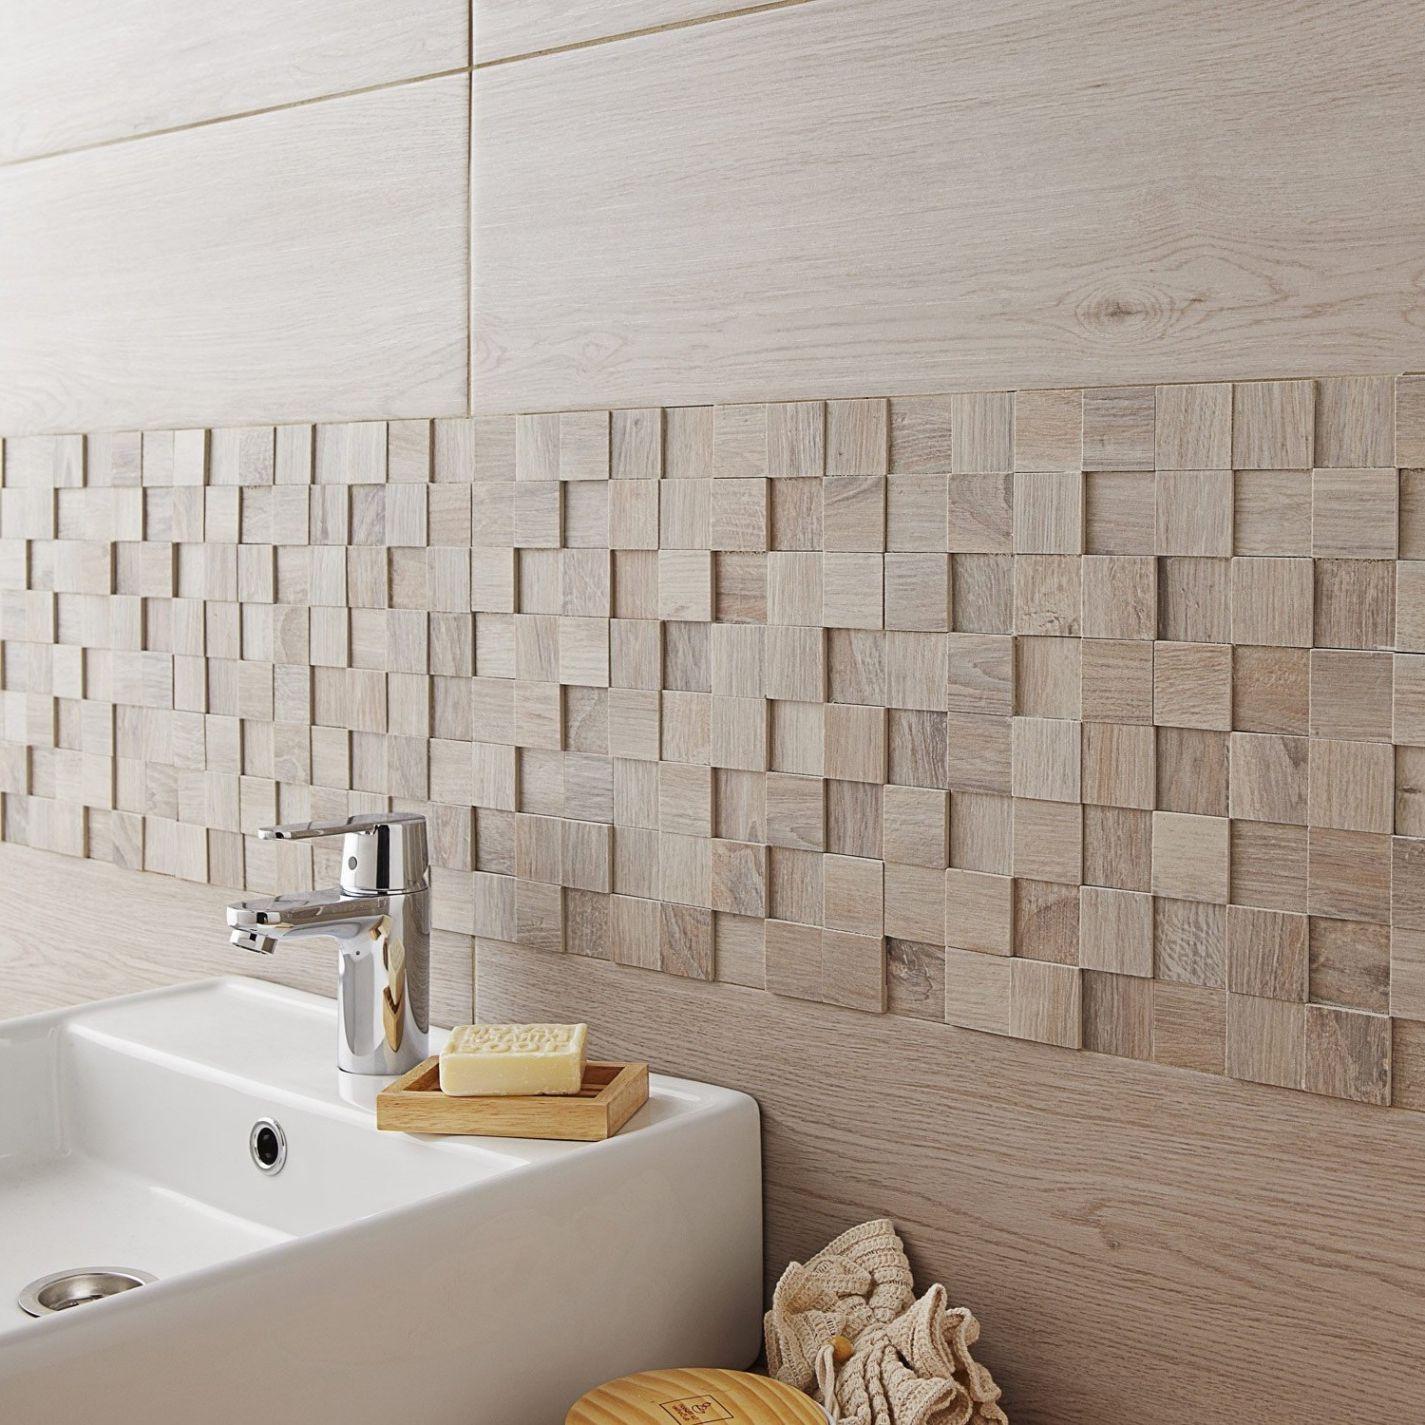 Carrelage Salle De Bain Avec Mosaique carrelage salle de bain pas cher carrelage mosaique salle de